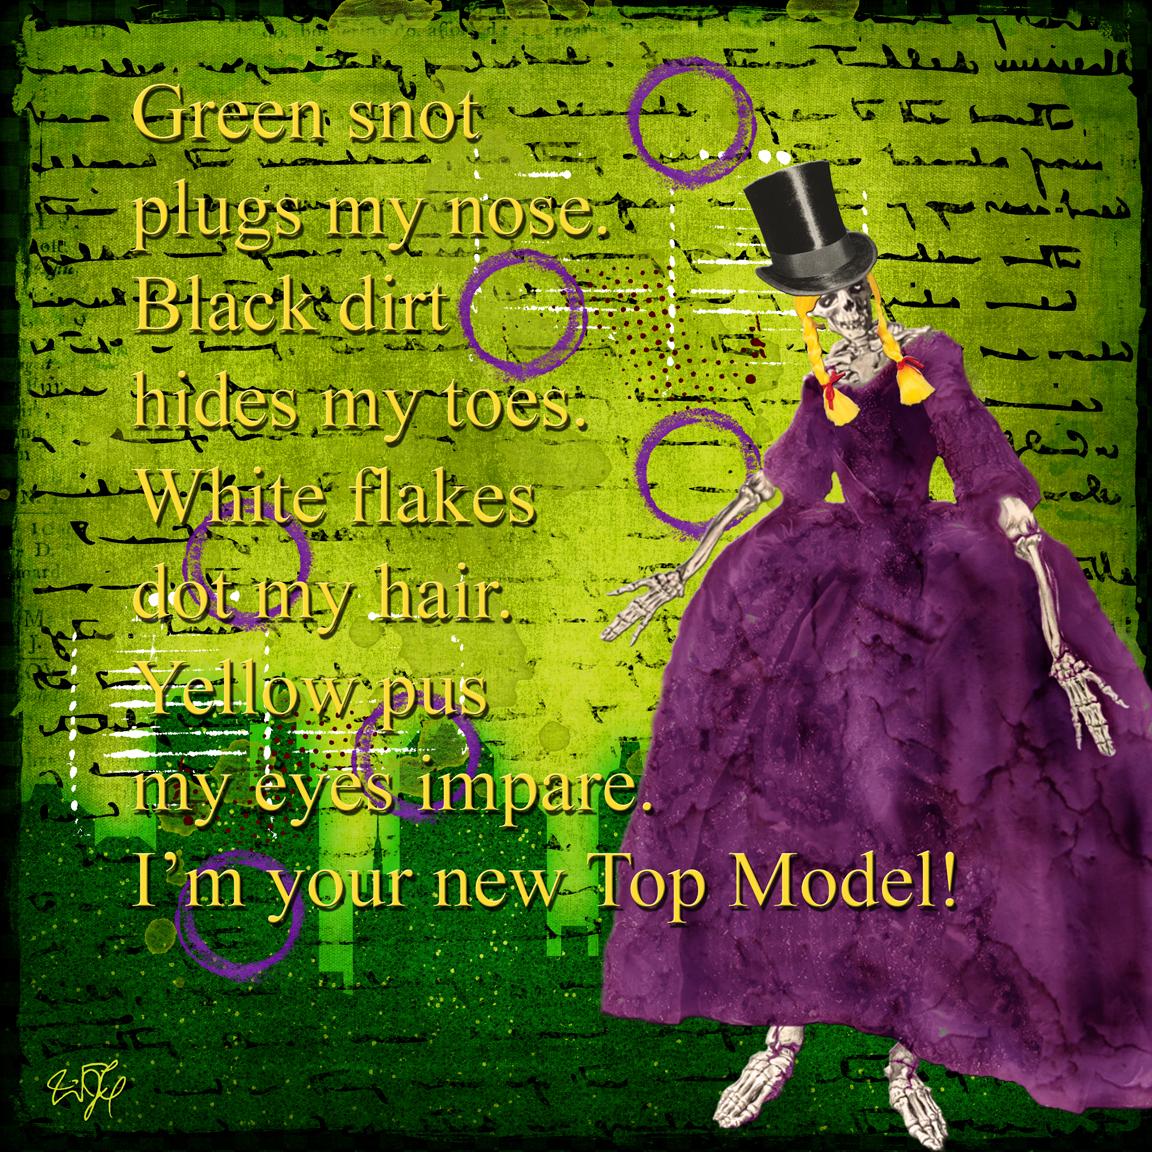 http://2.bp.blogspot.com/_bDzc-f_N_MI/TKavUgIFfwI/AAAAAAAAAJs/GCpNa2KQ6ag/s1600/NewTopModel.jpg